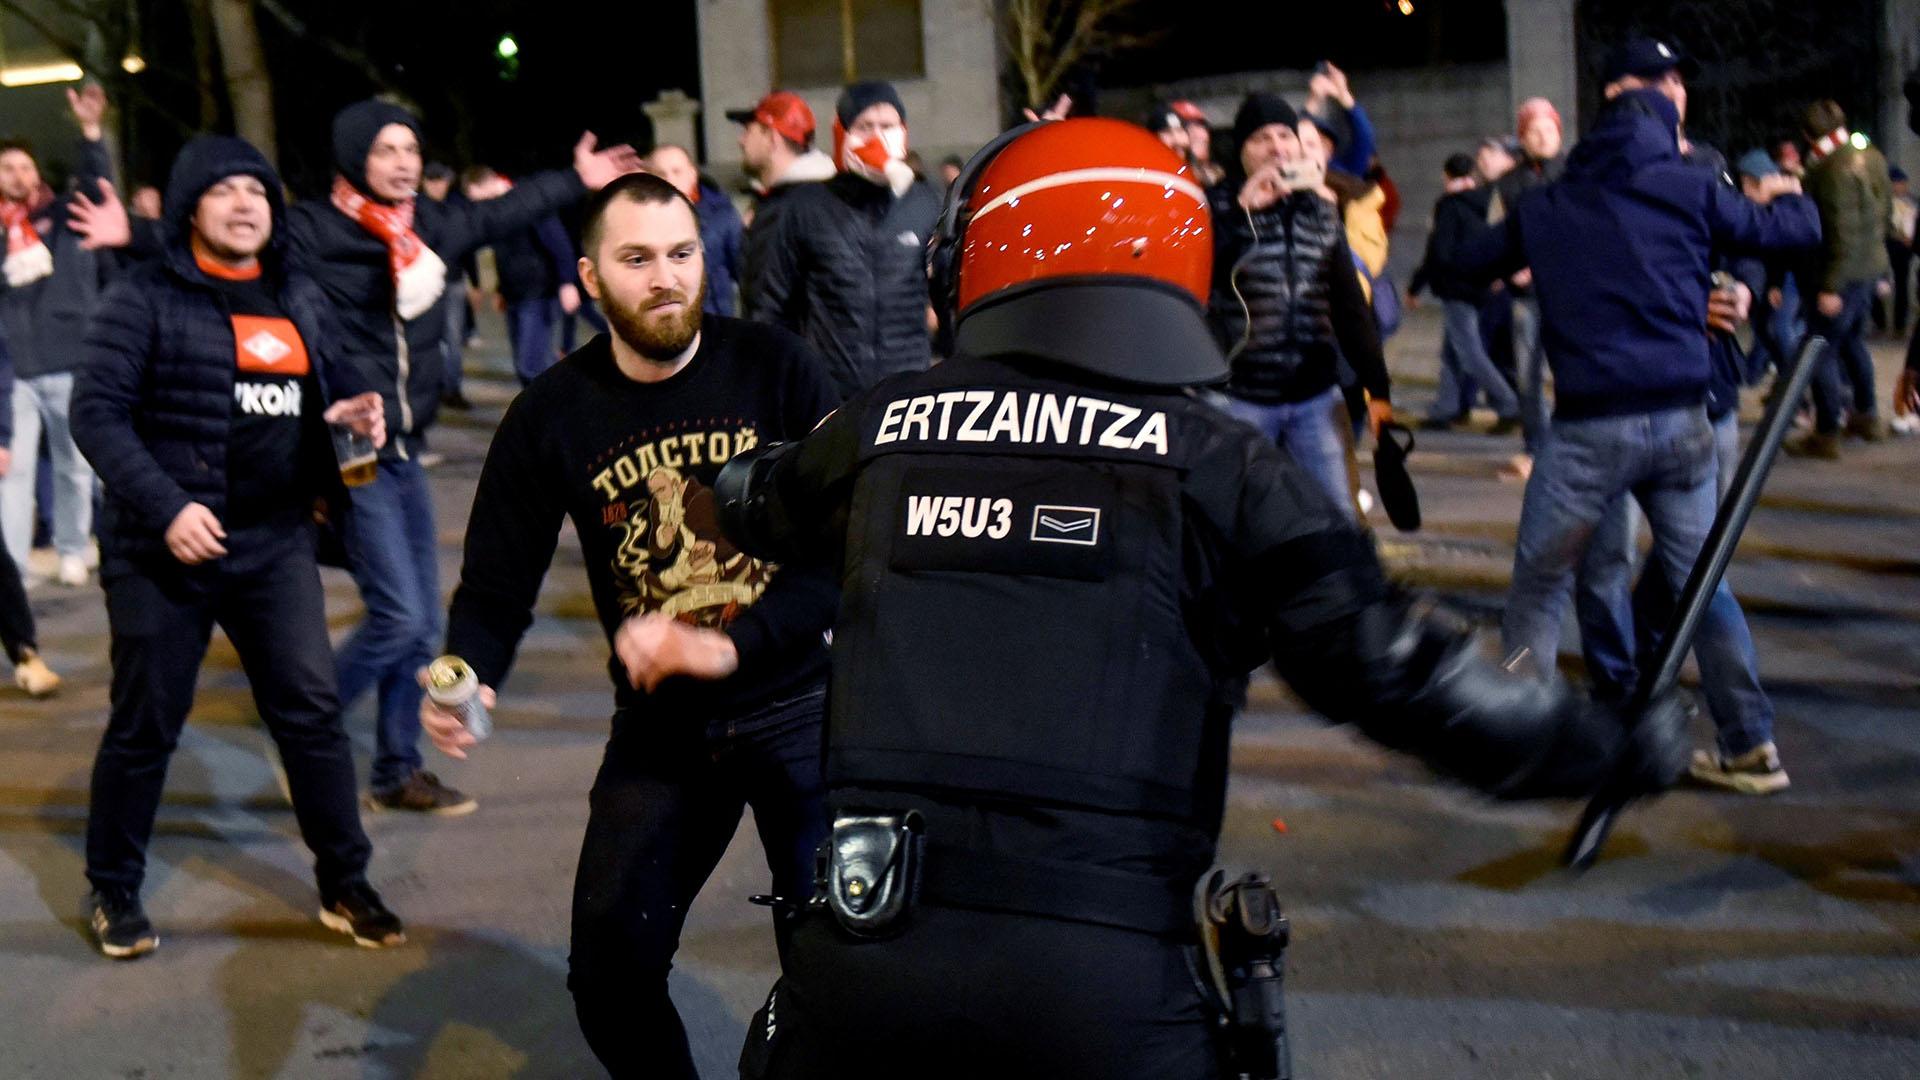 Desde allí marcharon hacia San Mamés en donde fueron emboscados por los ultras del Athletic de Bilbao